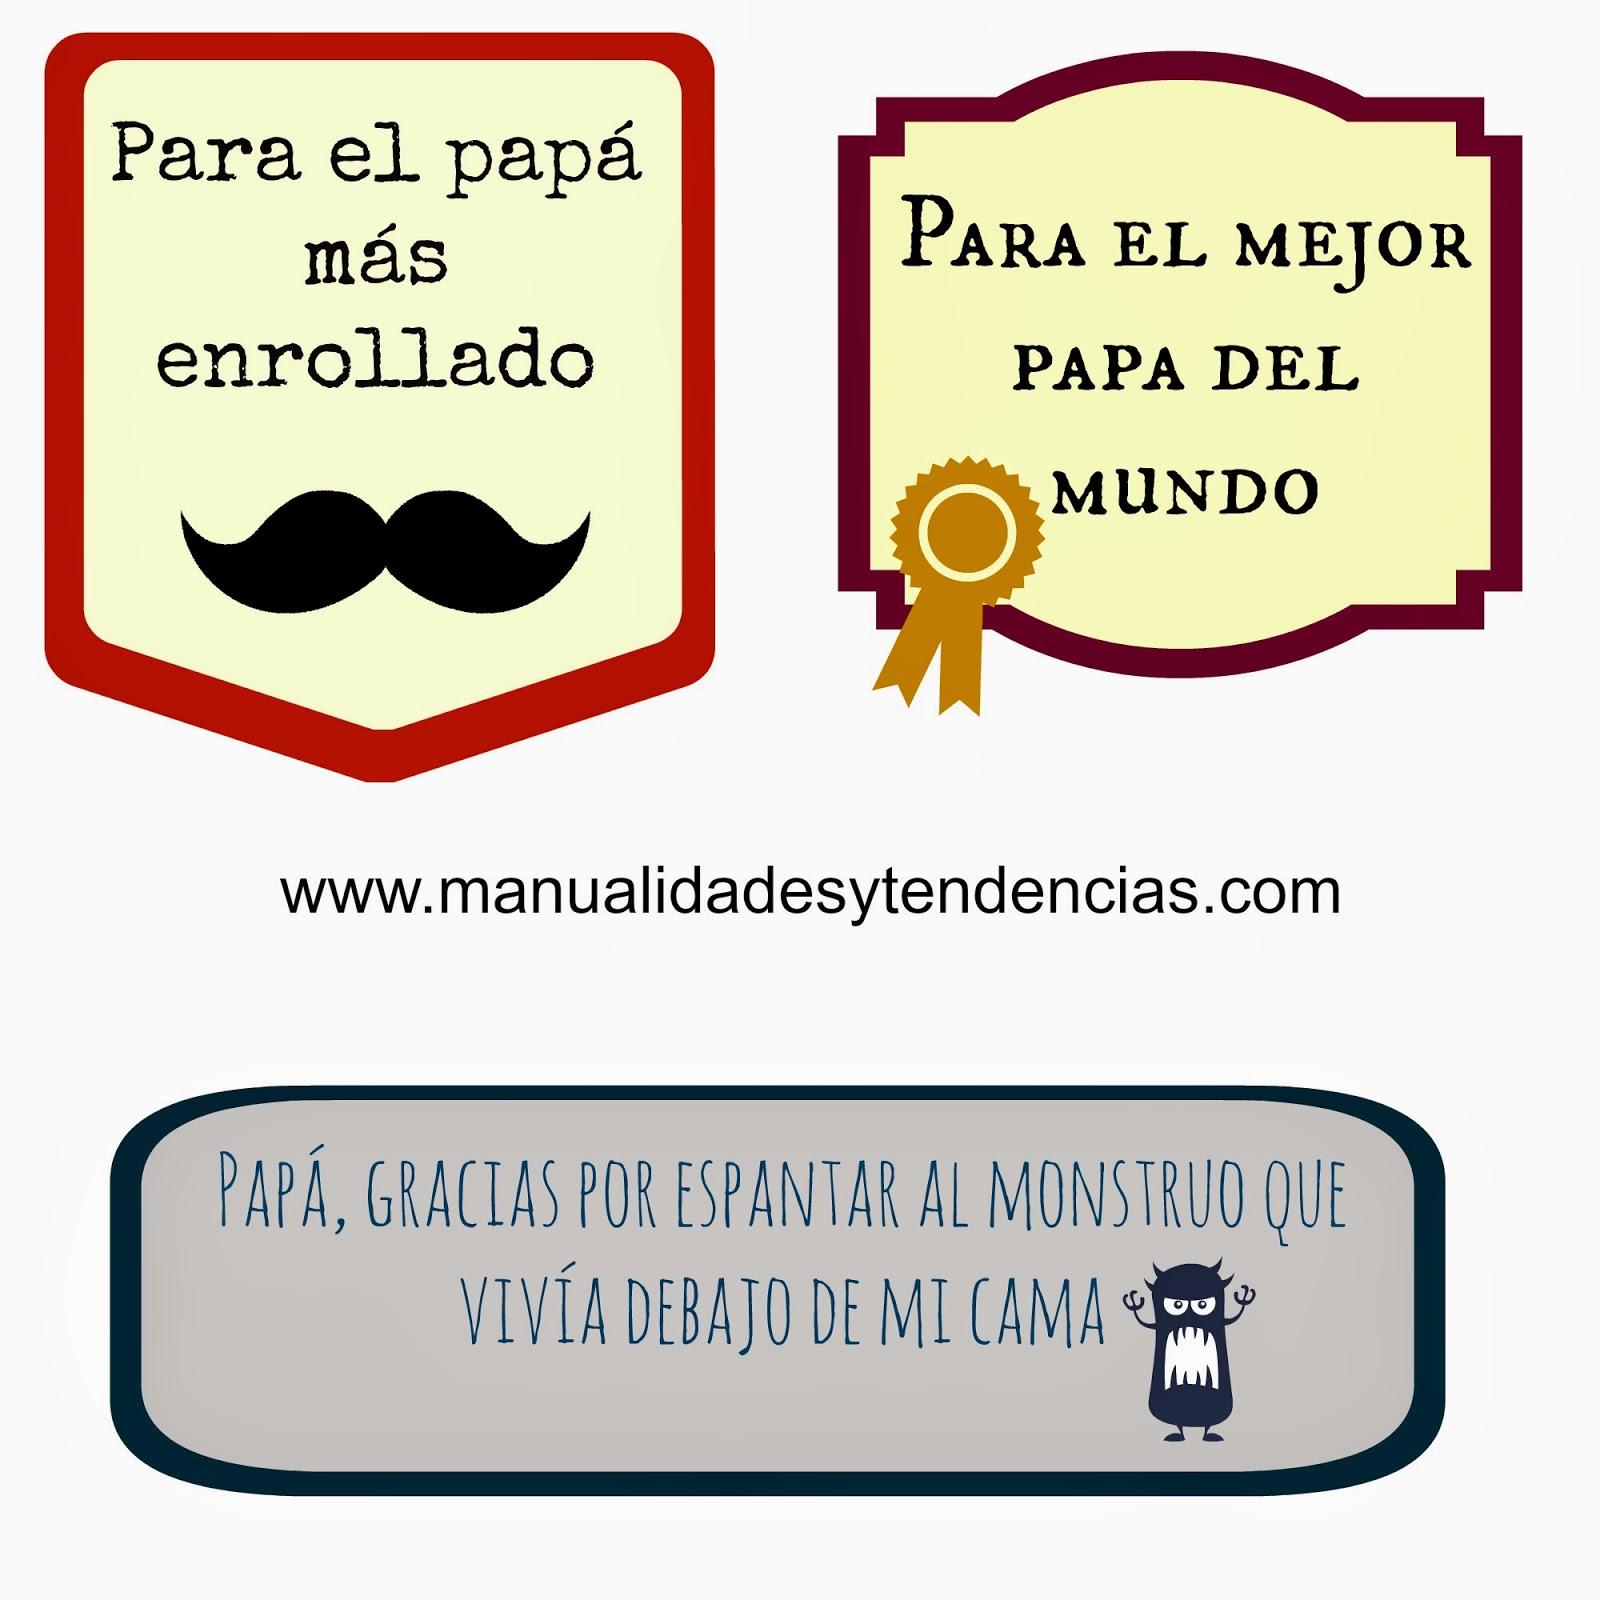 Etiquetas descargables e imprimibles gratis para el día del padre